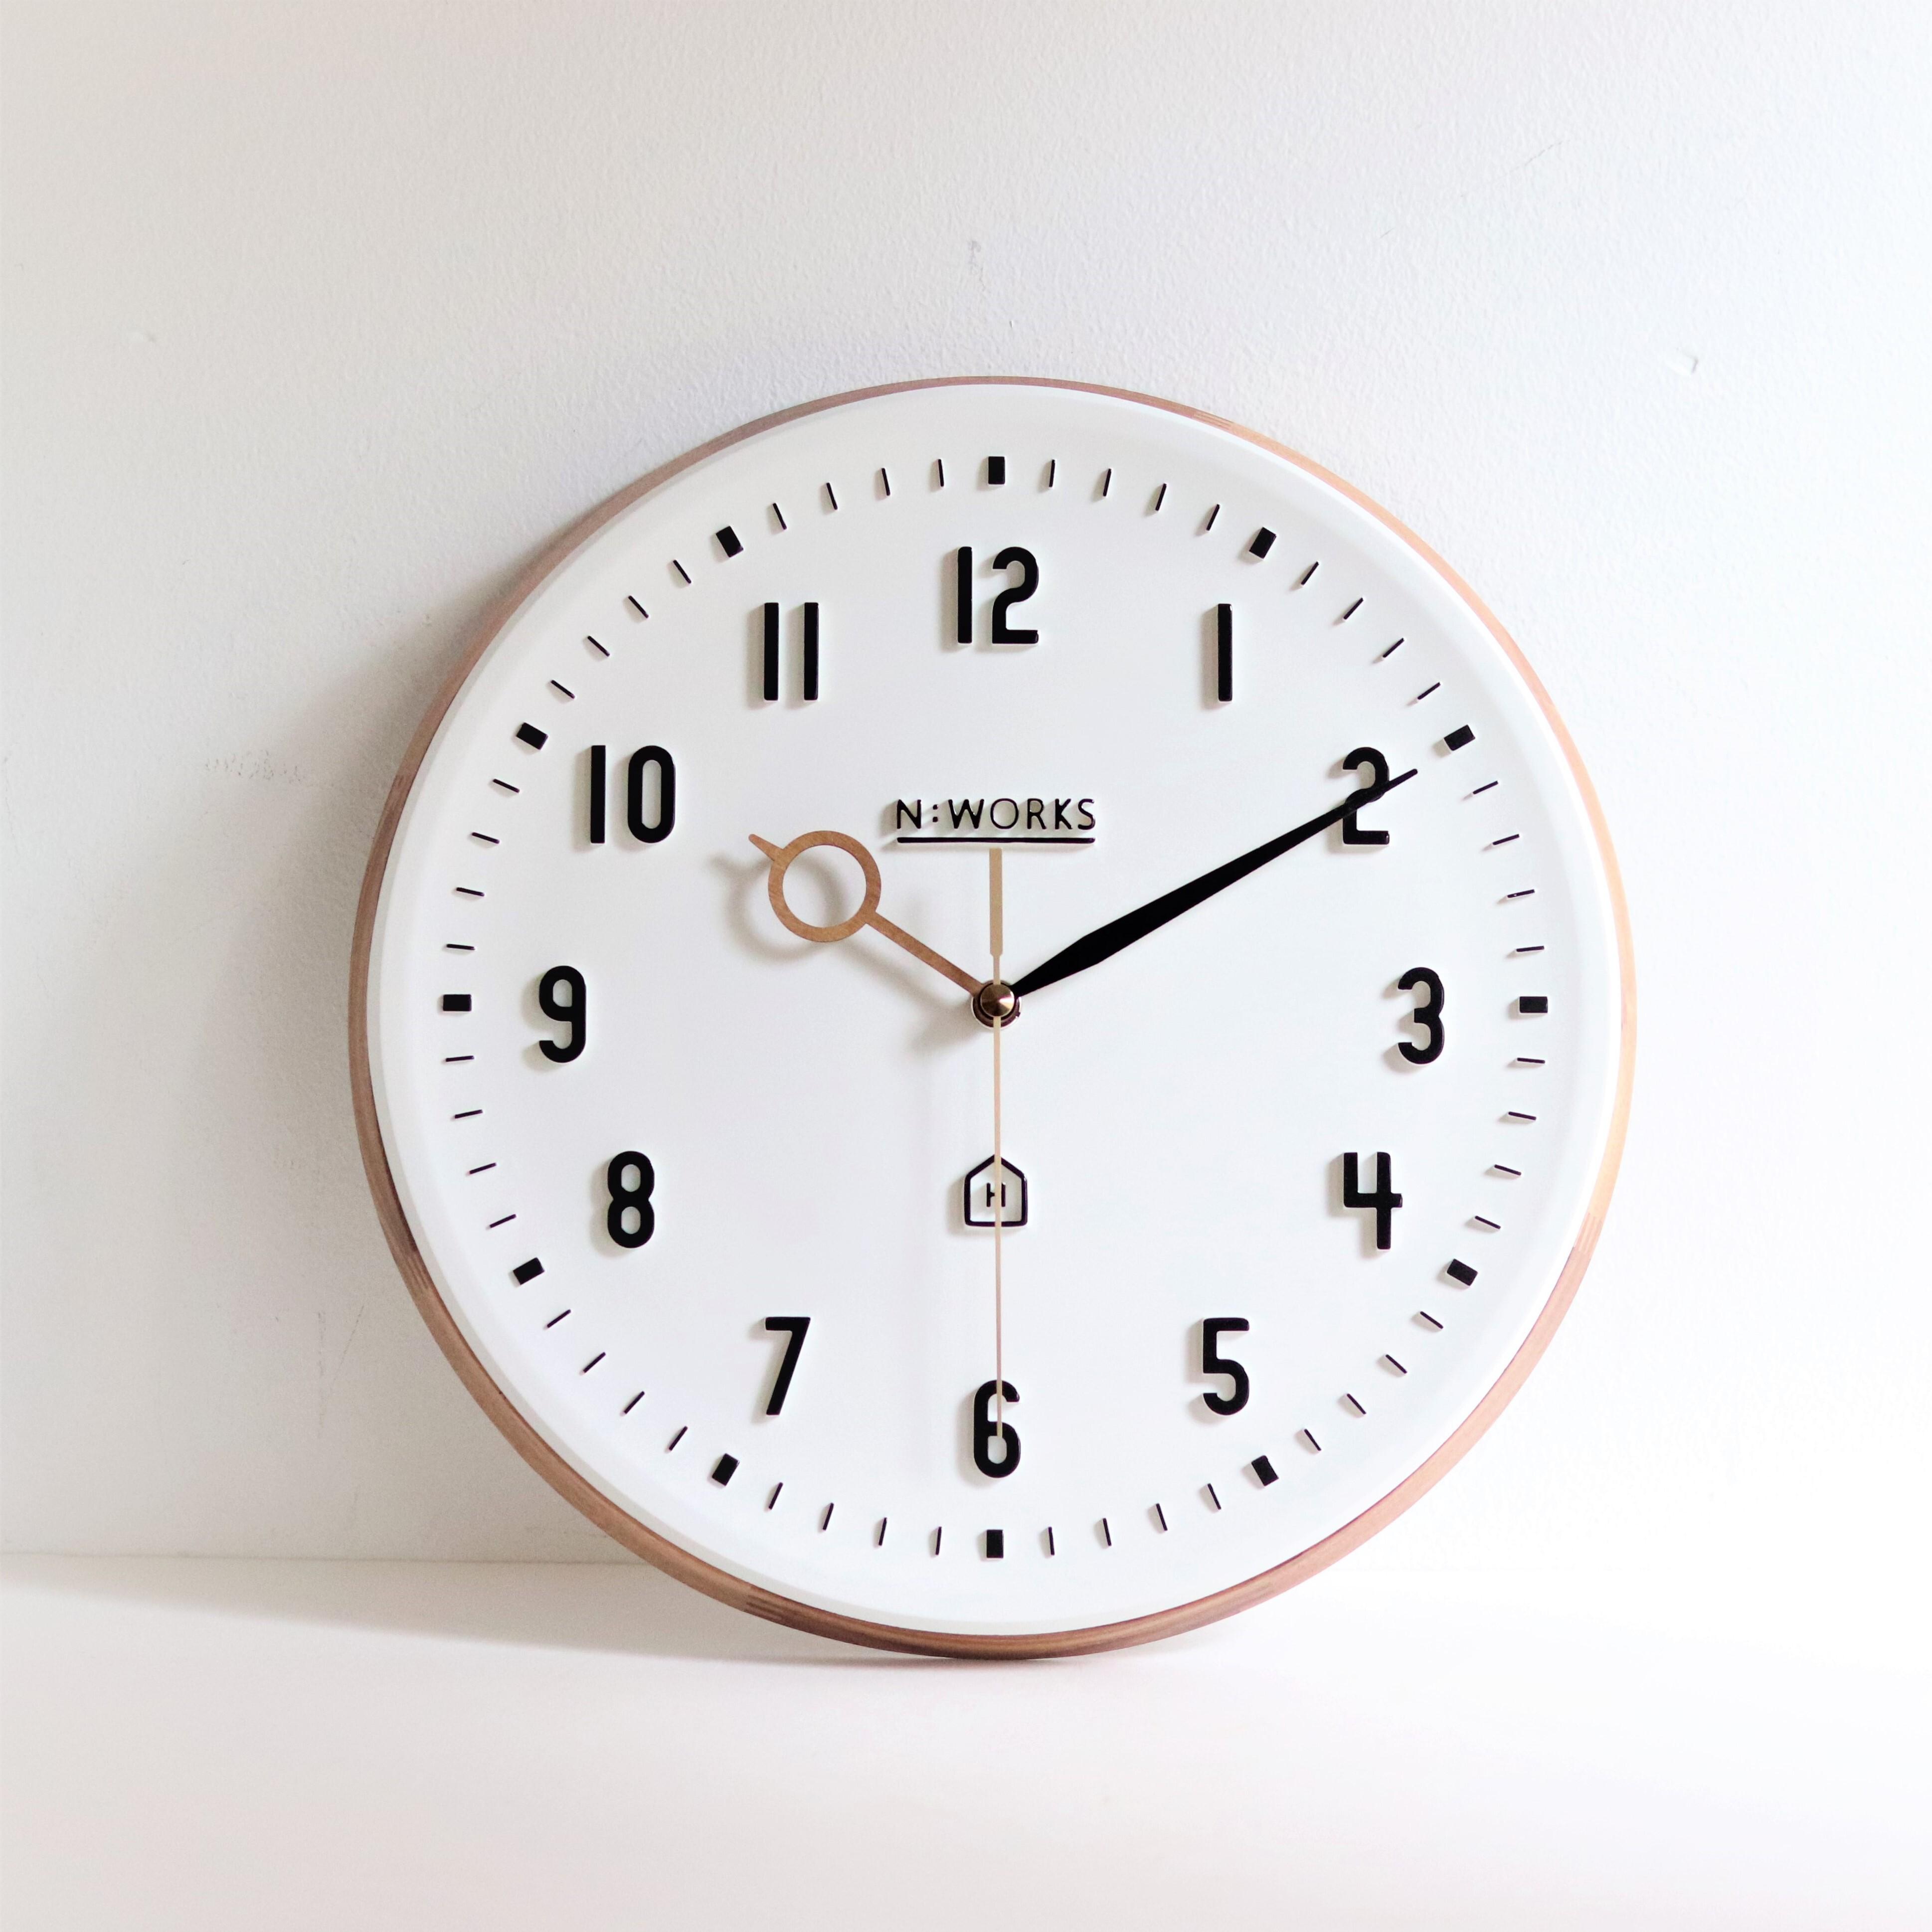 再入荷!【雑貨・インテリア】壁掛け時計 Kemppi【2054】